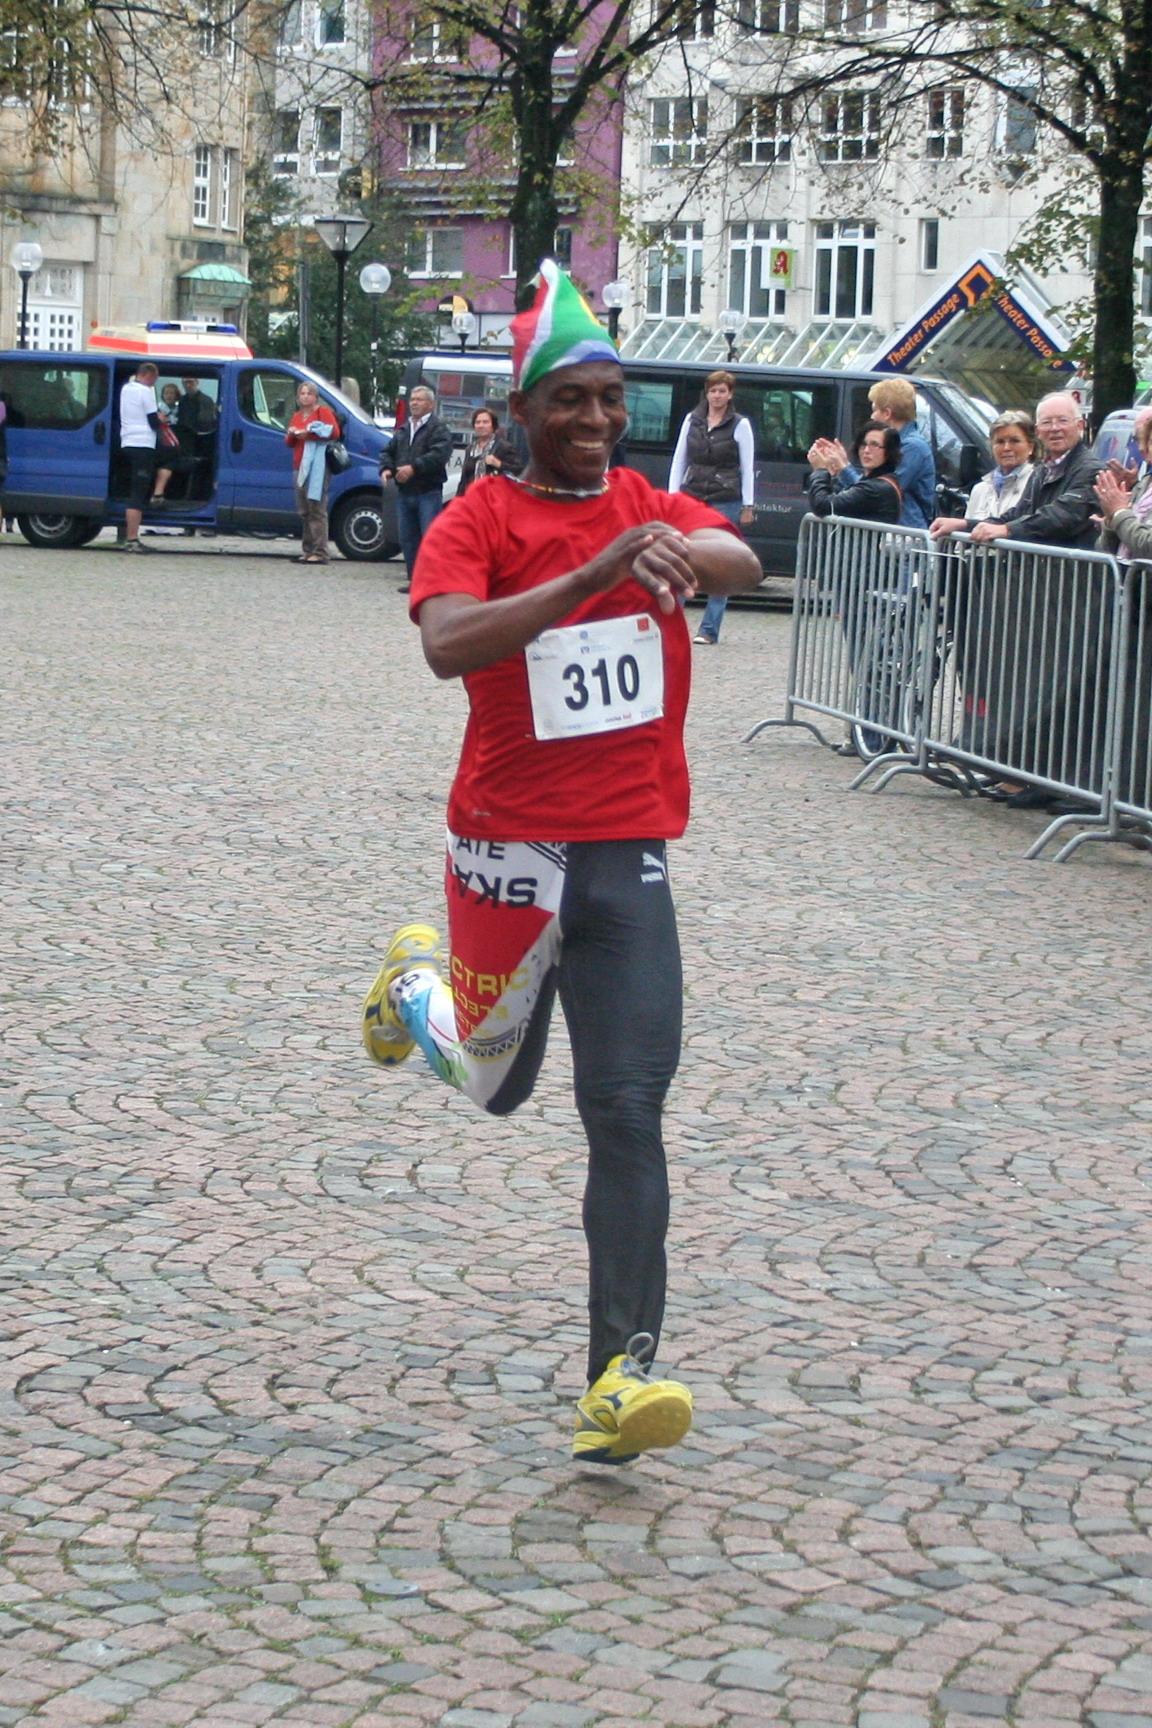 2011-09-17-handwerkerlauf-zieleinlauf-josia-2